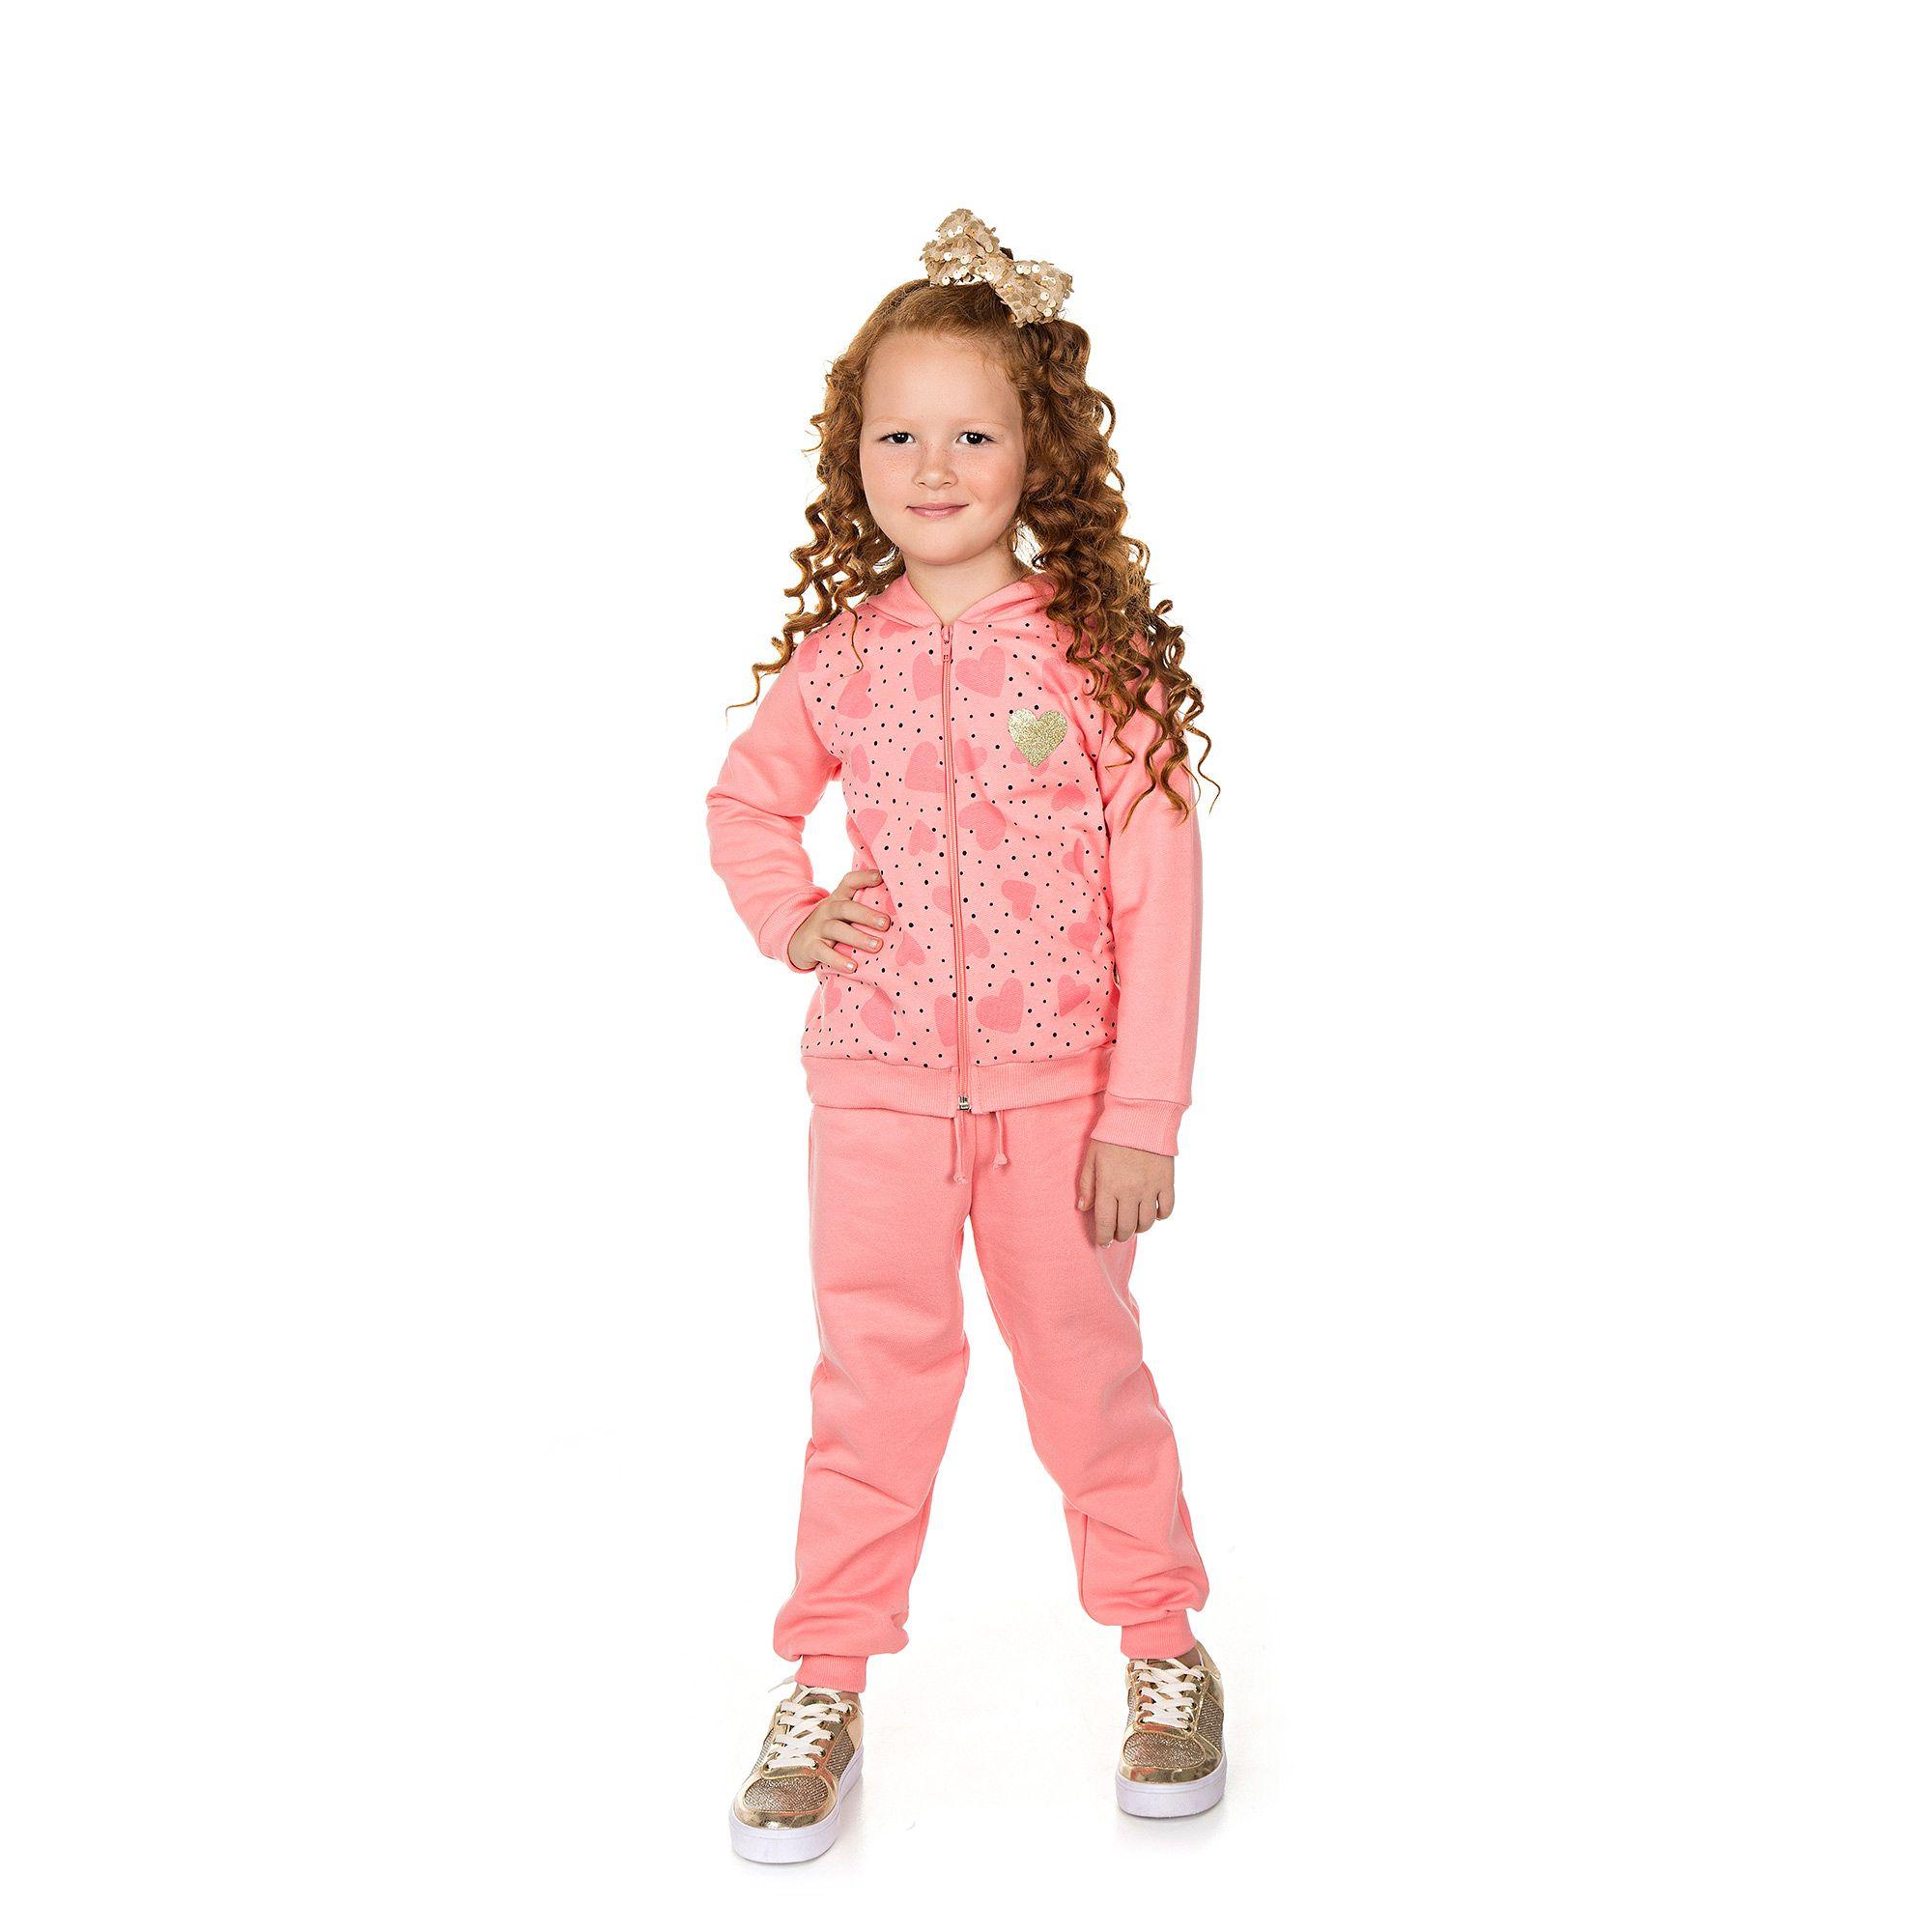 Conjunto Infantil Jaqueta e Calça  - Ref 4993 - Tutti Frutti